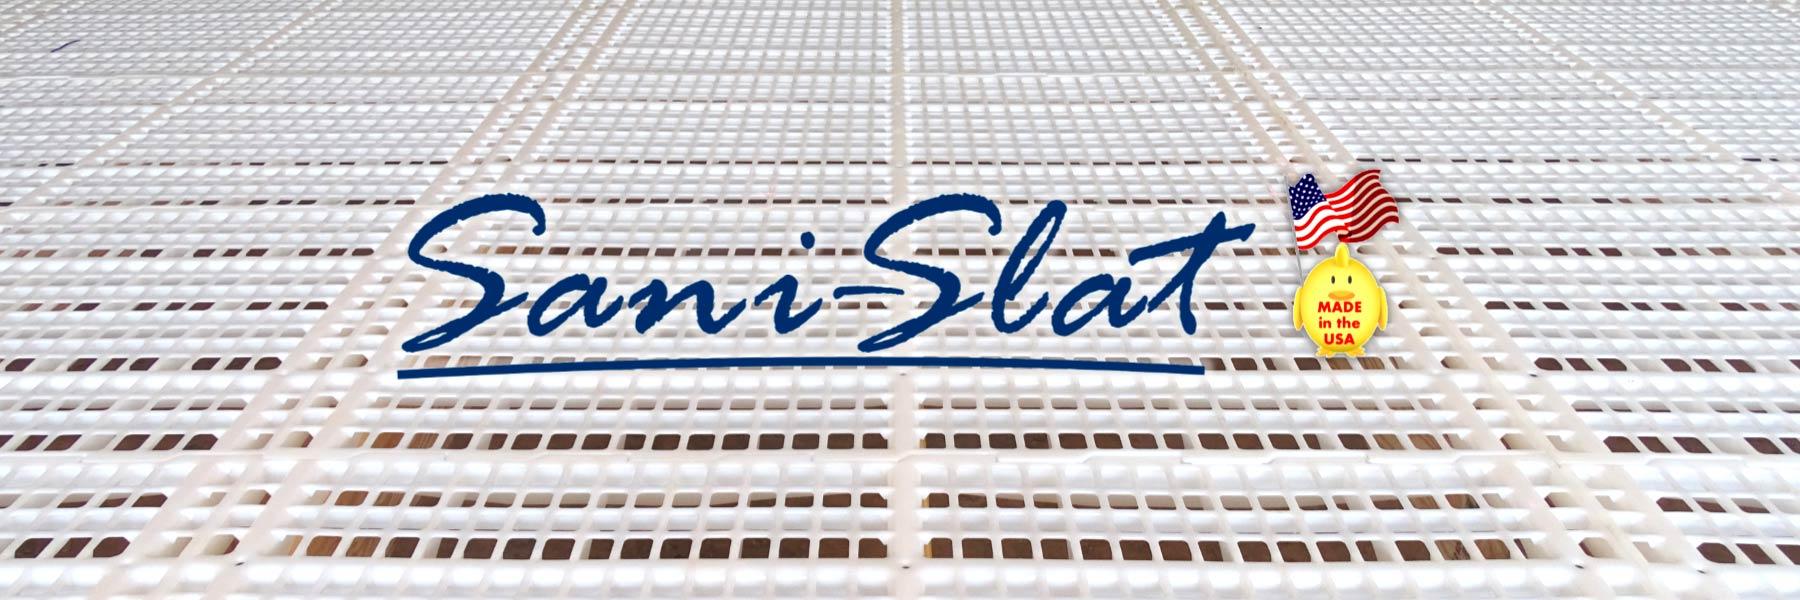 Sanislat-Logo-banner-shrunk-jpg.jpg